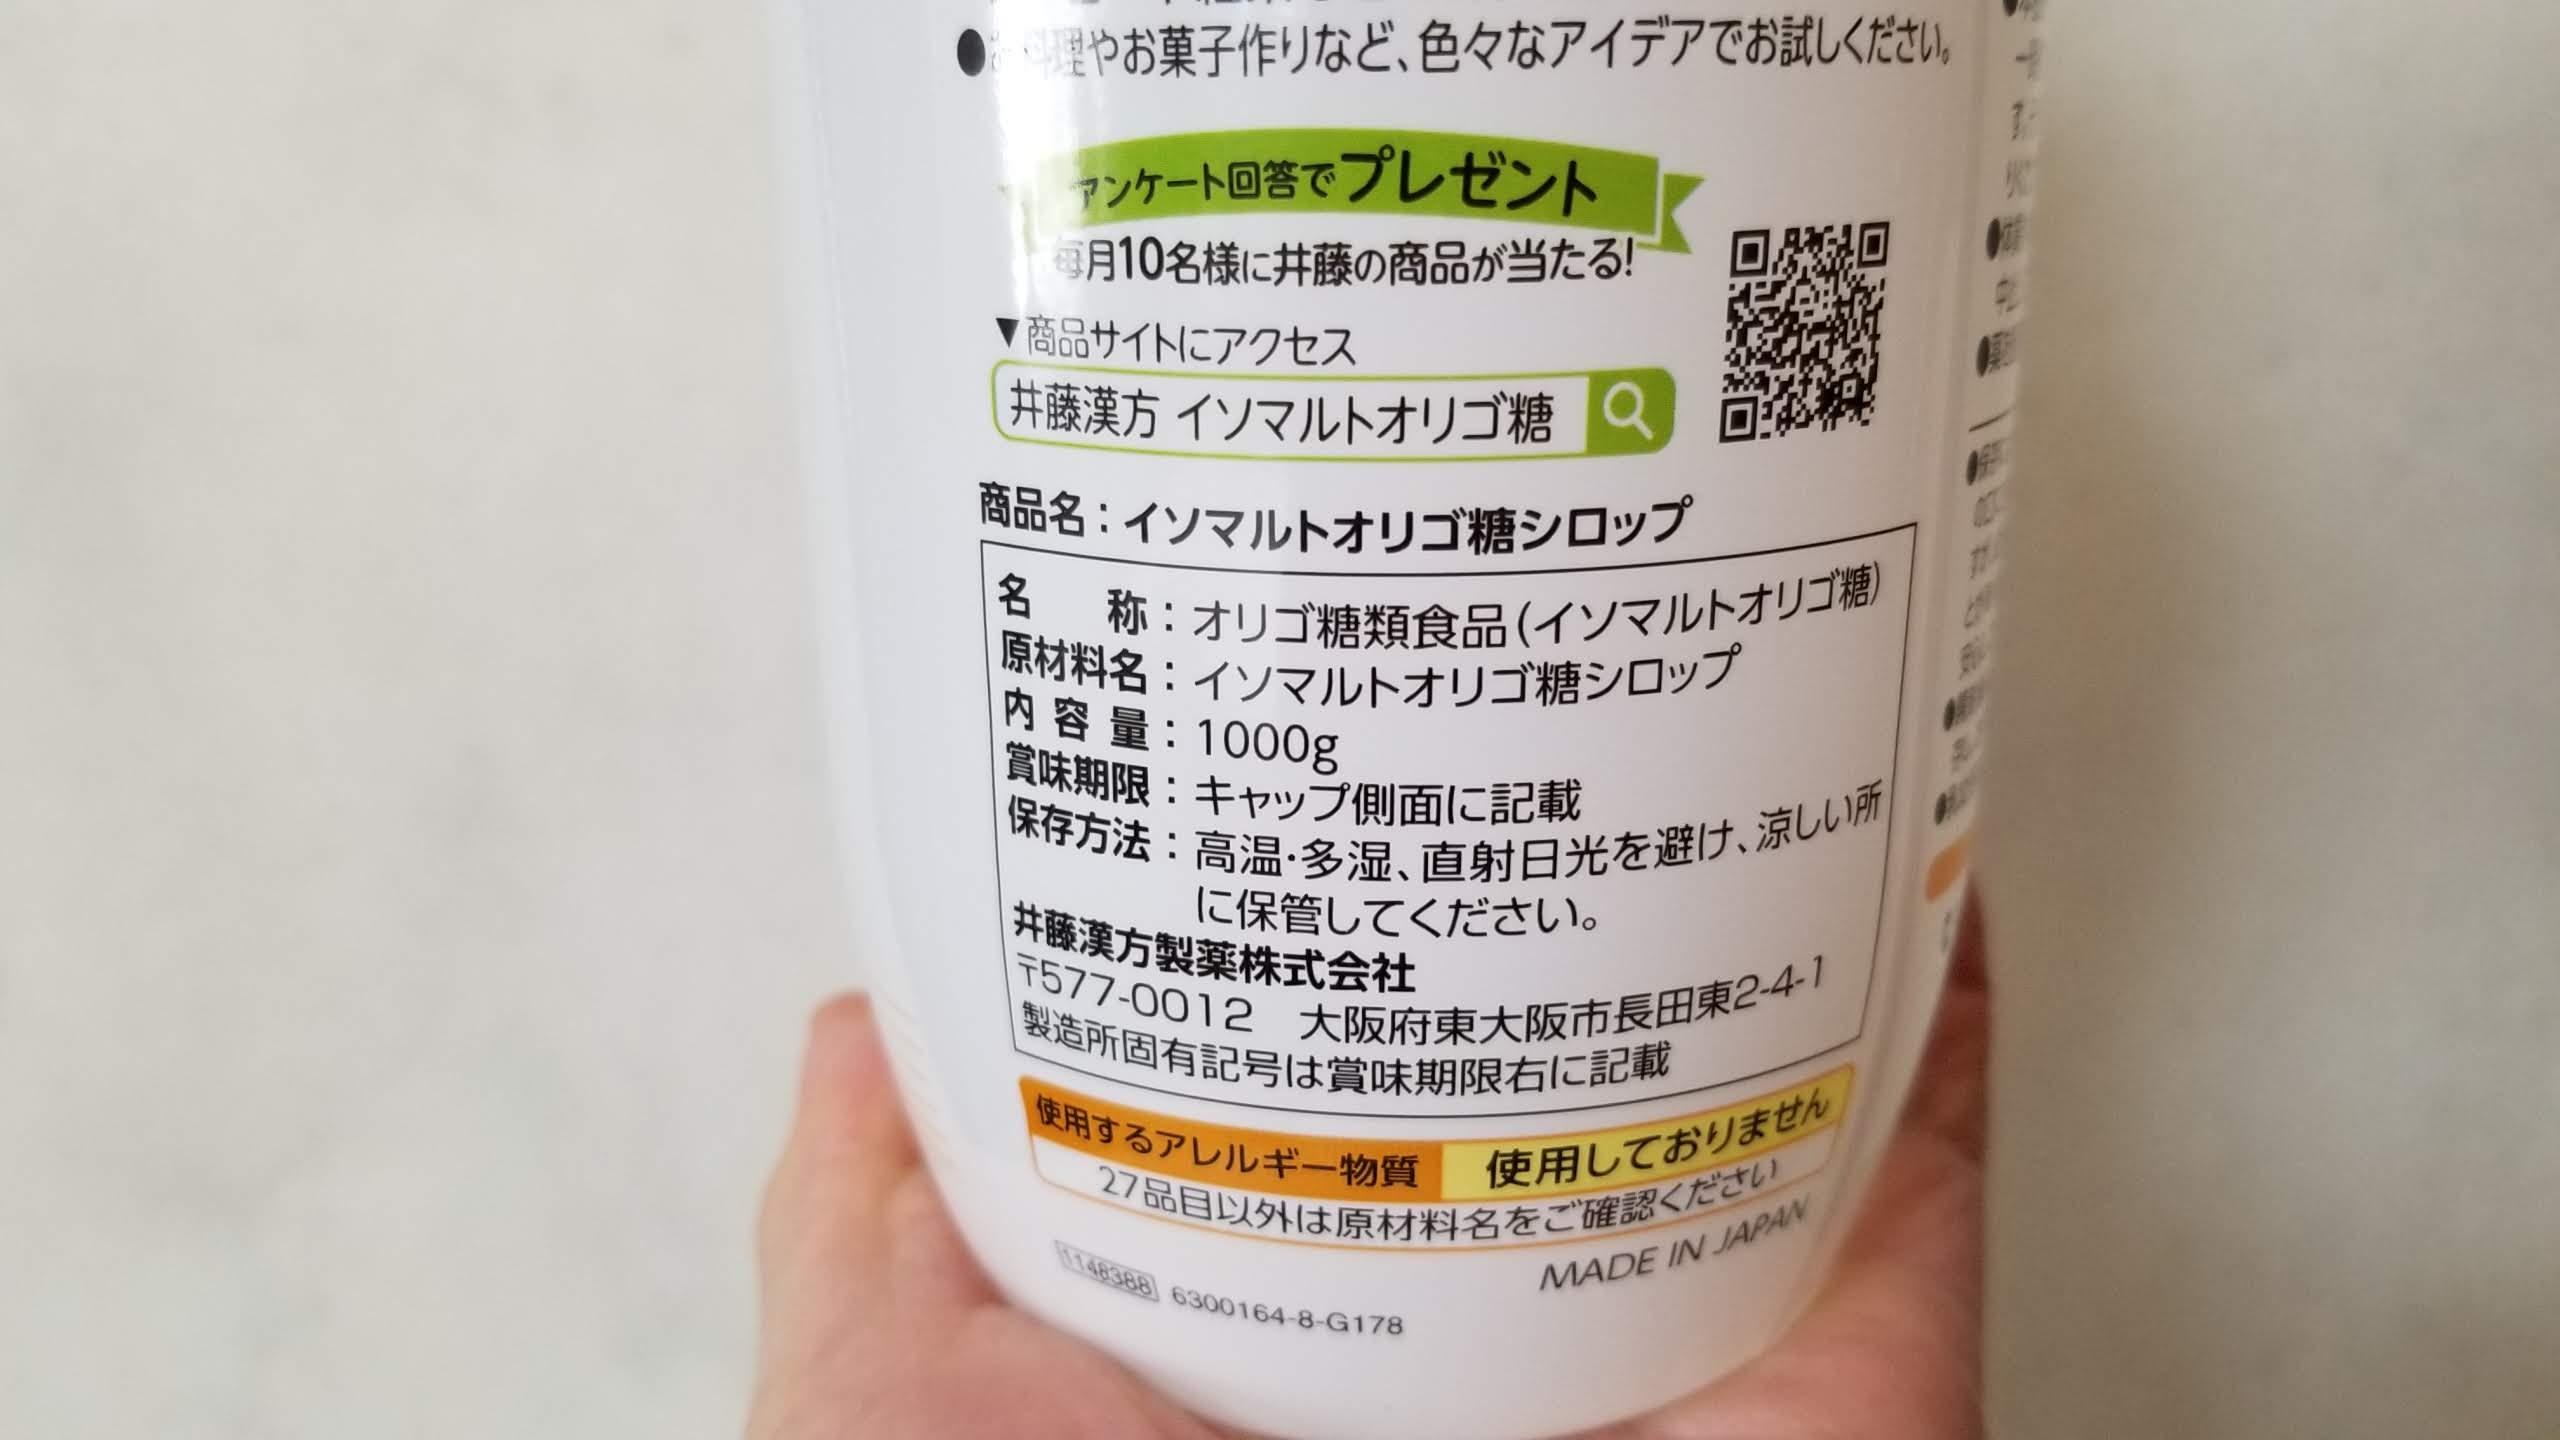 イソマルトオリゴ糖シロップ/井藤漢方製薬_20200429_095850